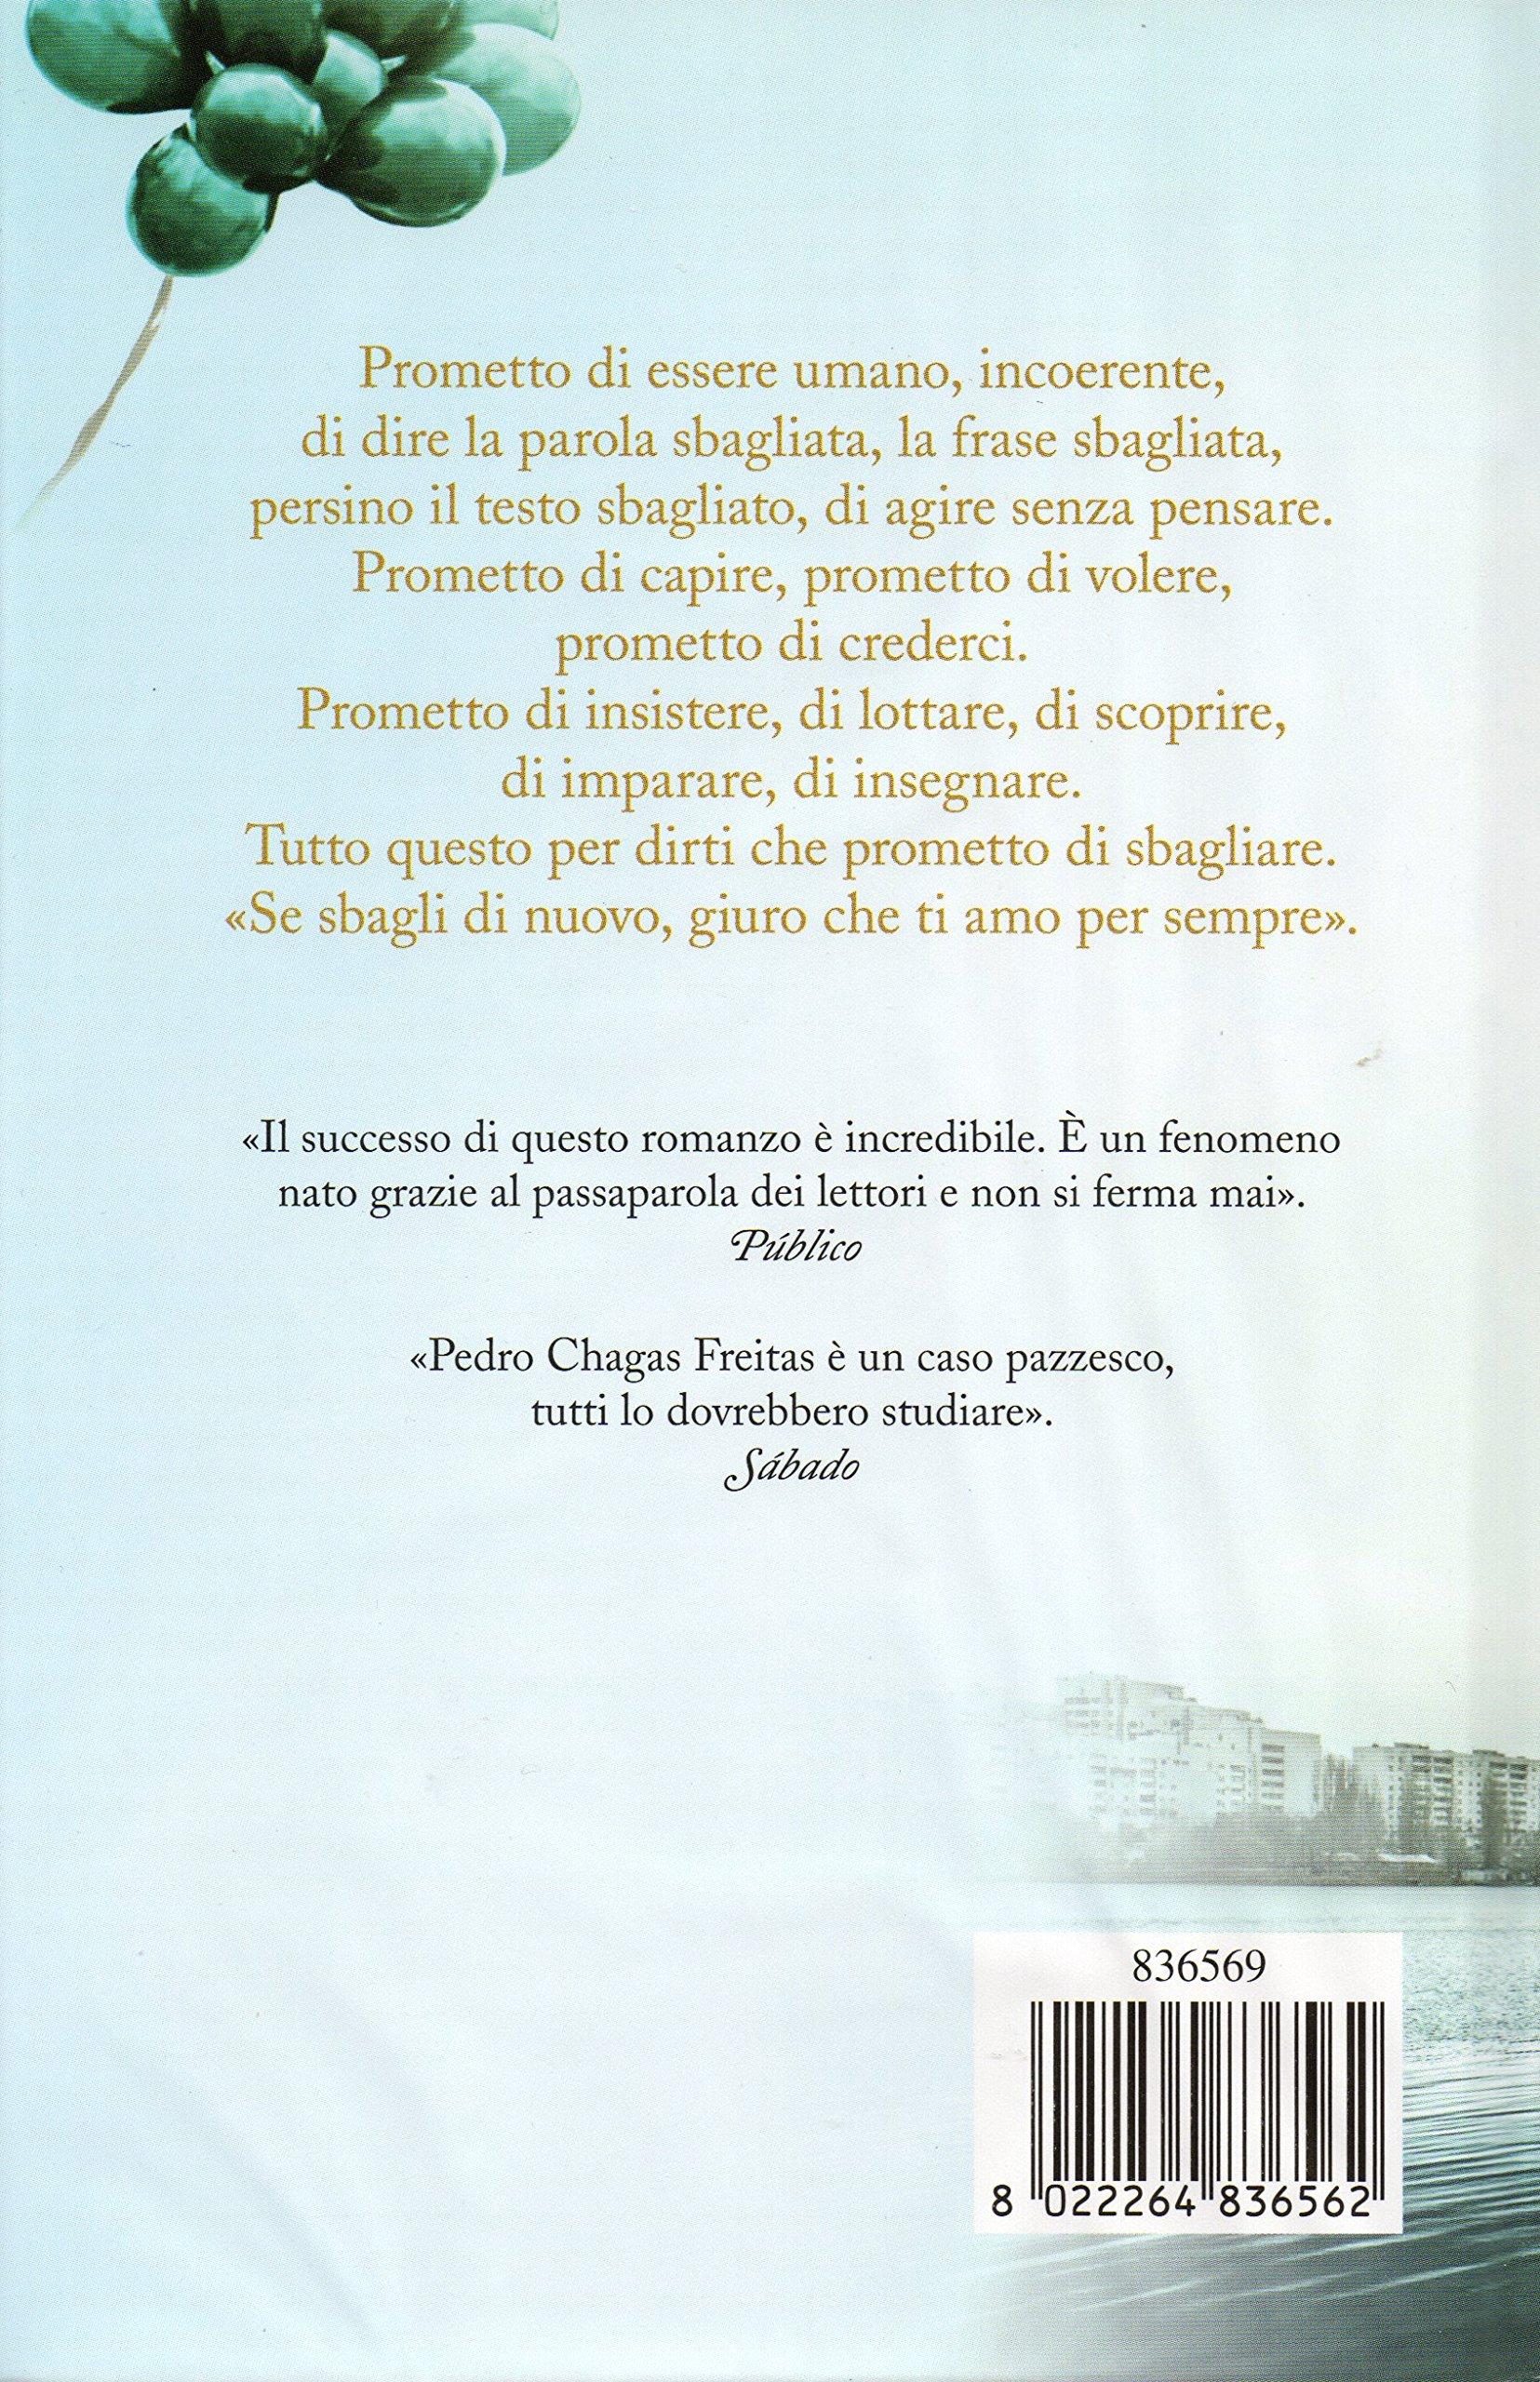 Amazon It Prometto Di Sbagliare Pedro Chagas Freitas Libri